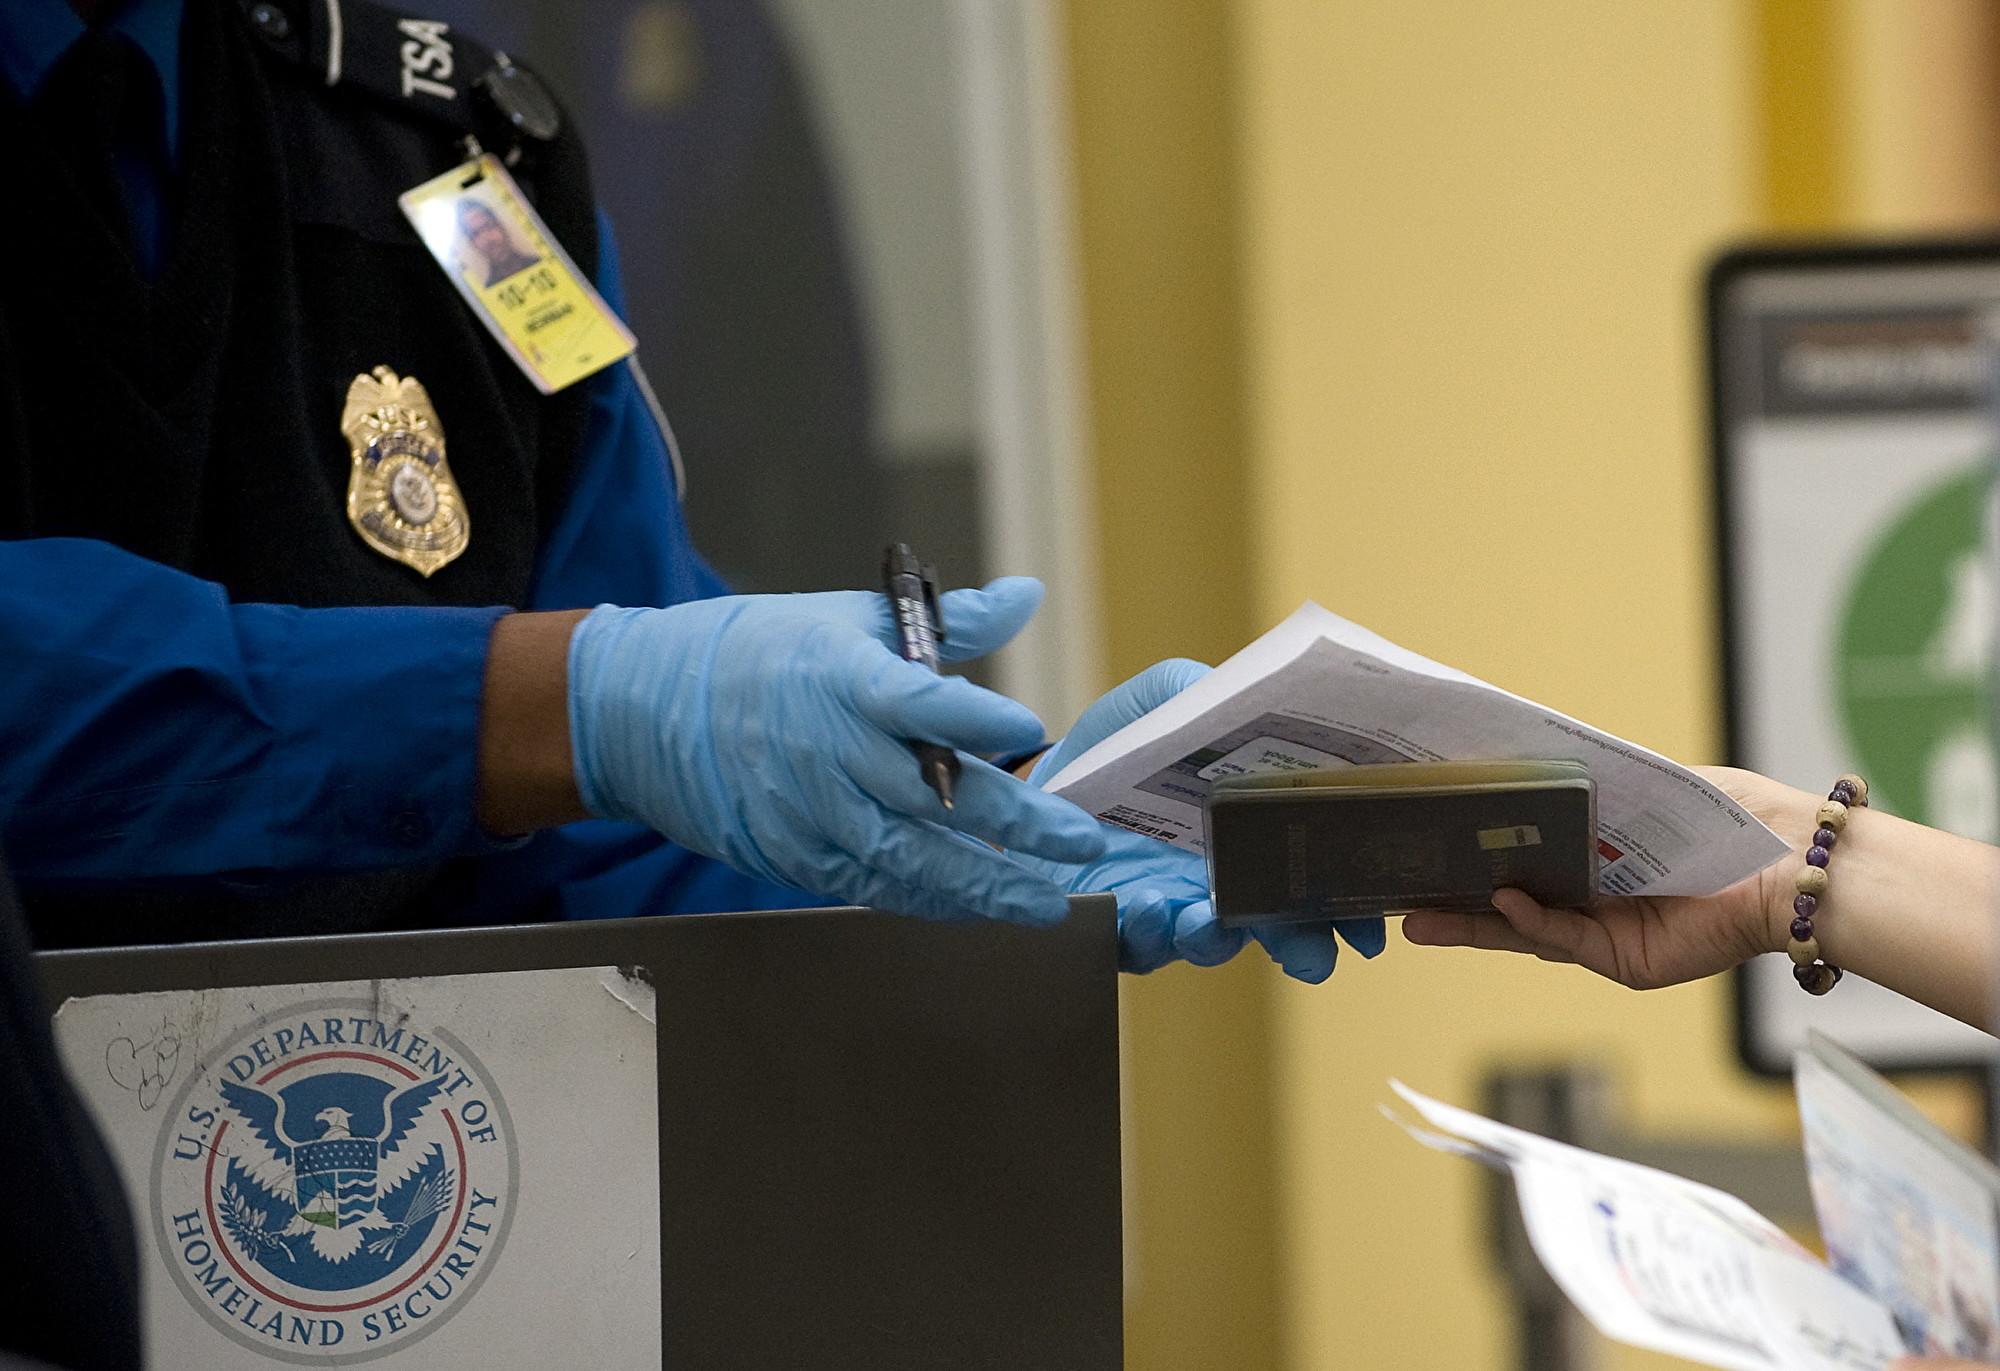 10月1日起 搭美國內航班要有新ID